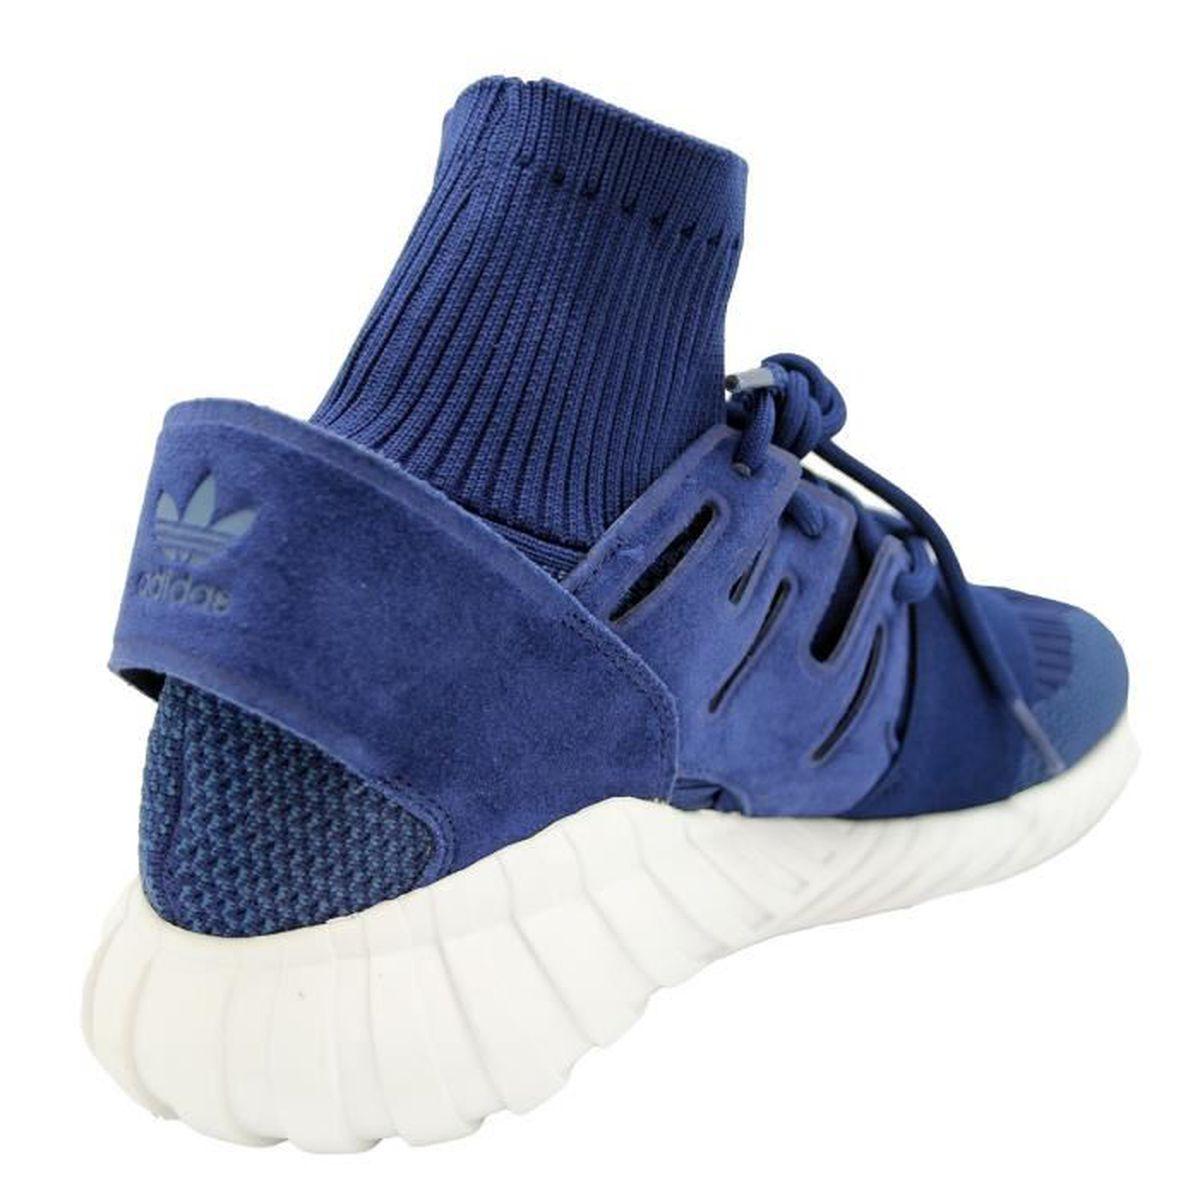 53edc2088cec1 ... purchase adidas originals tubular doom primeknit chaussures bleu bleu  achat vente basket soldes dès le 9